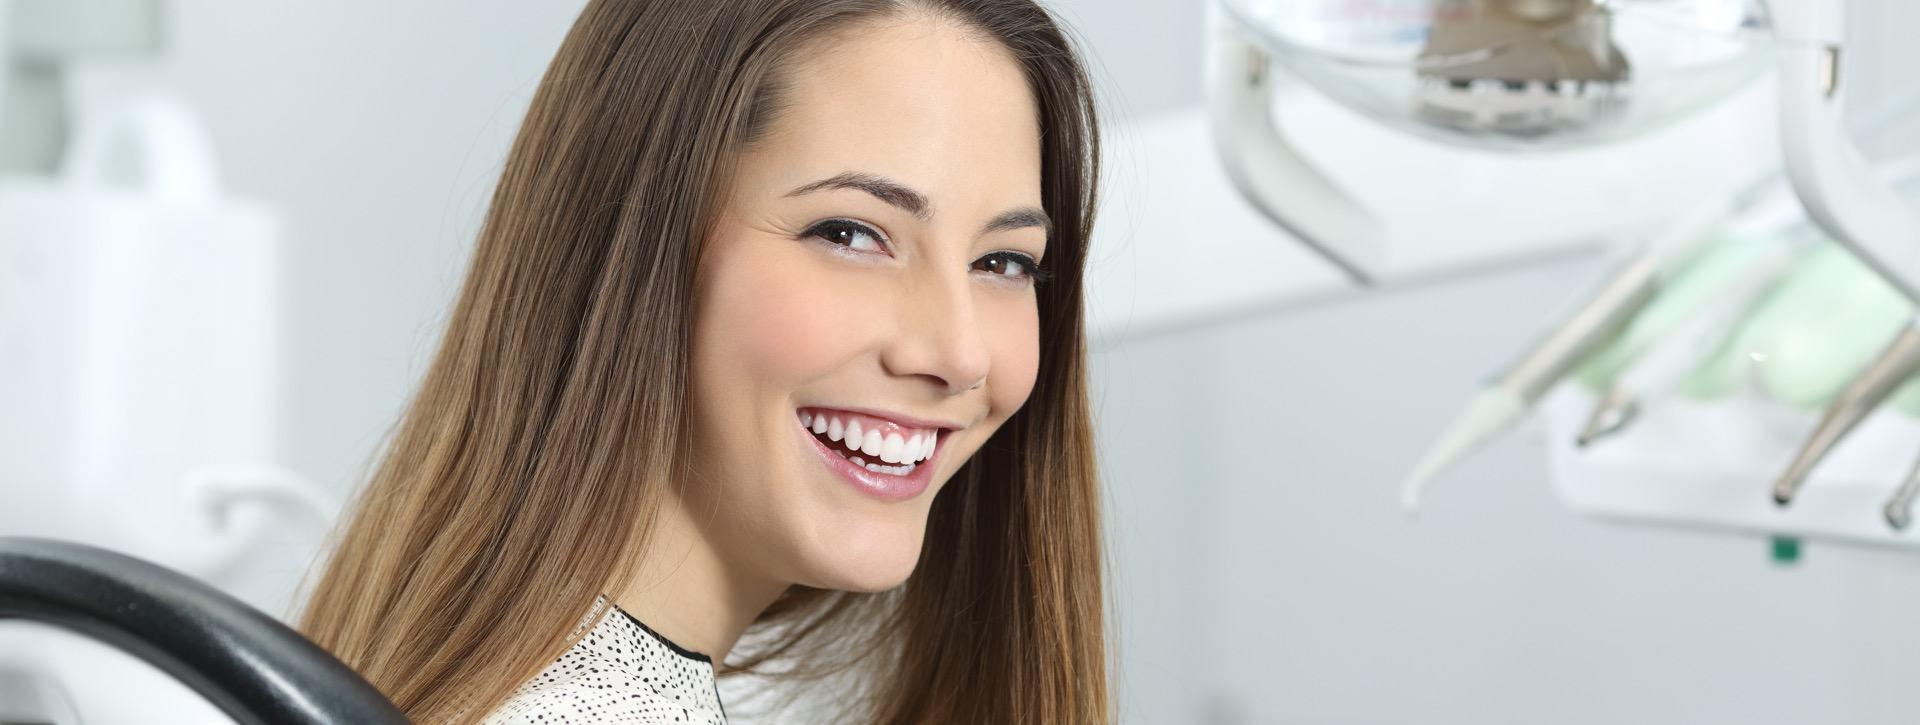 Žena s prekrasnim bijelim osmijehom